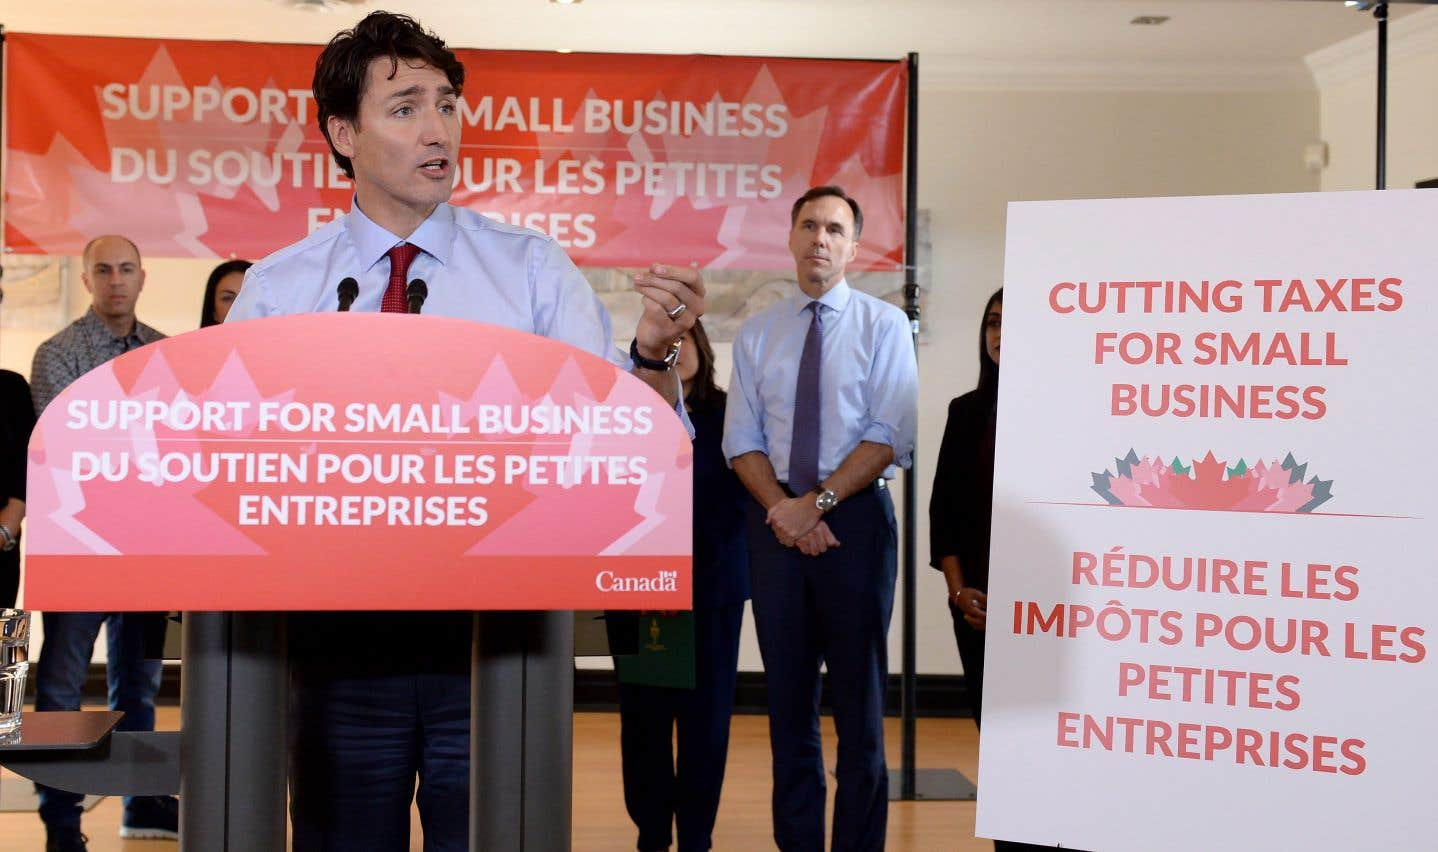 Réforme fiscale: Trudeau baissera les impôts des PME pour calmer le jeu